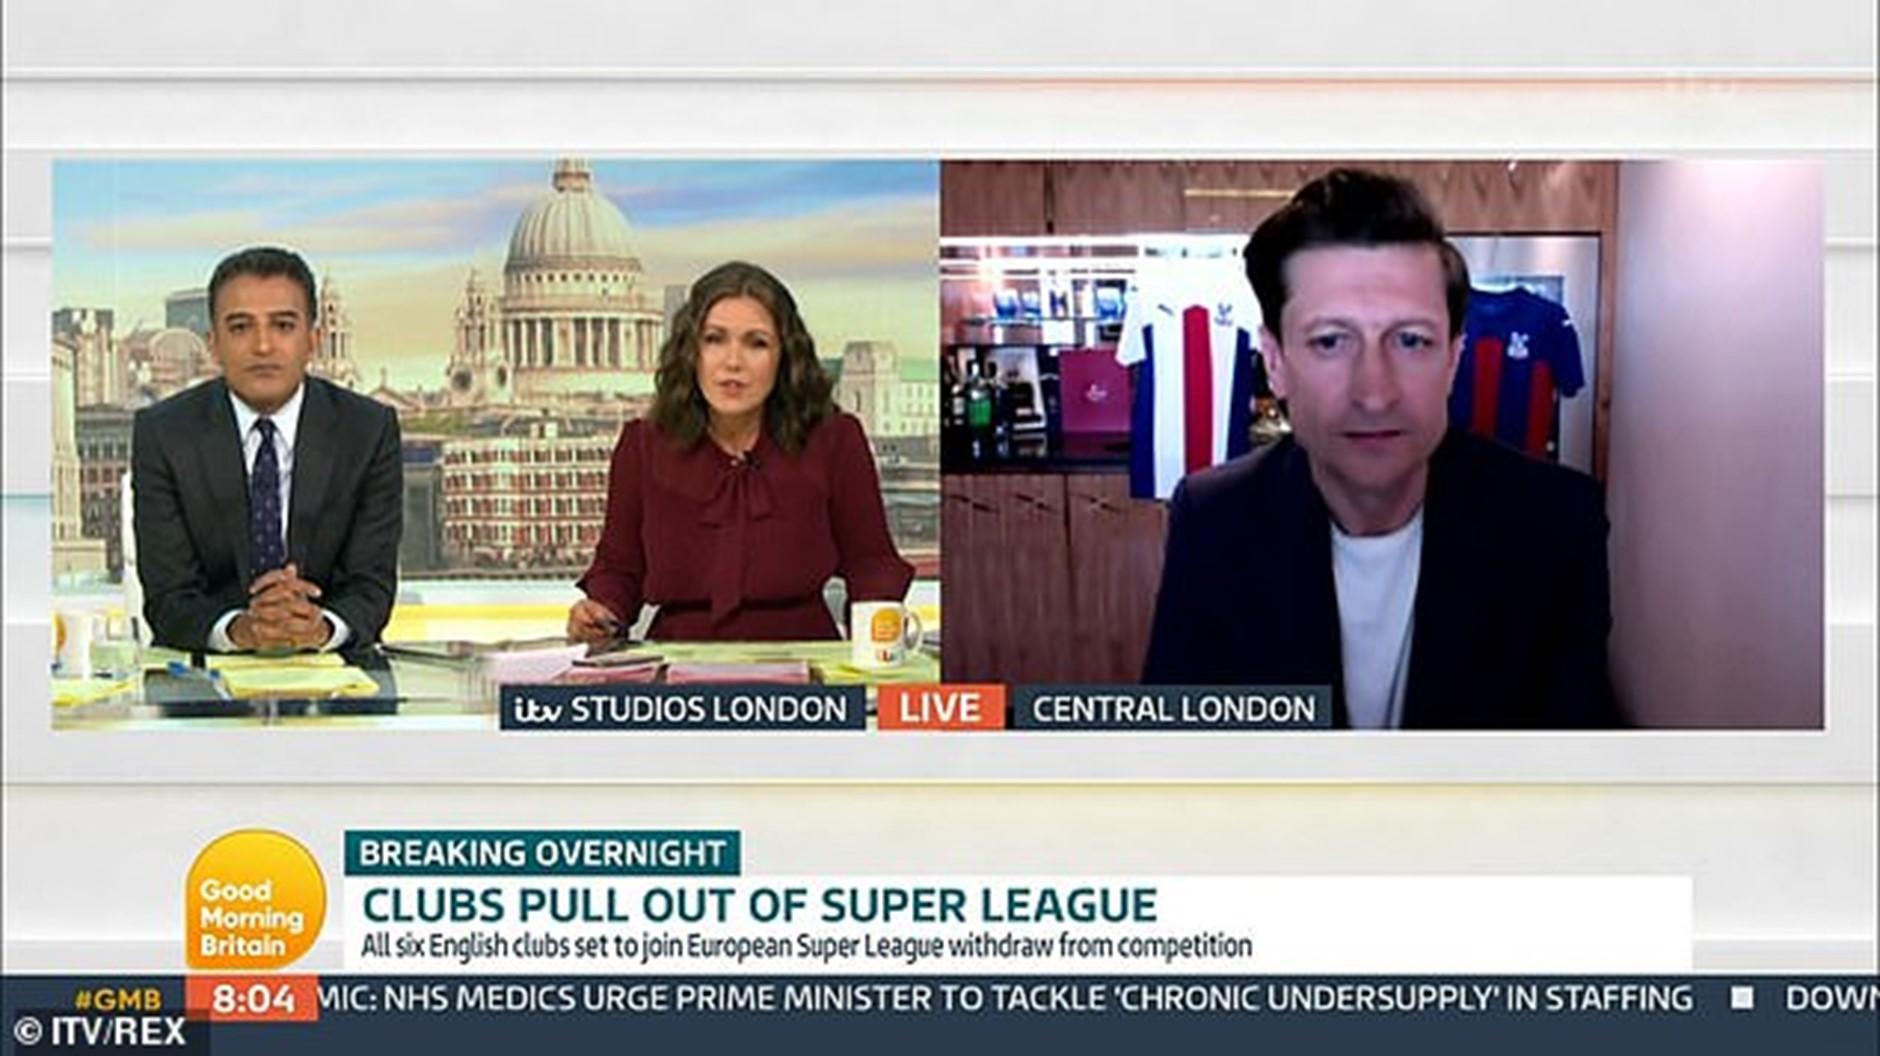 مقابلة سوزانا ريد مع ستيف باريش على الهواء مباشرة على Good Morning Britain.